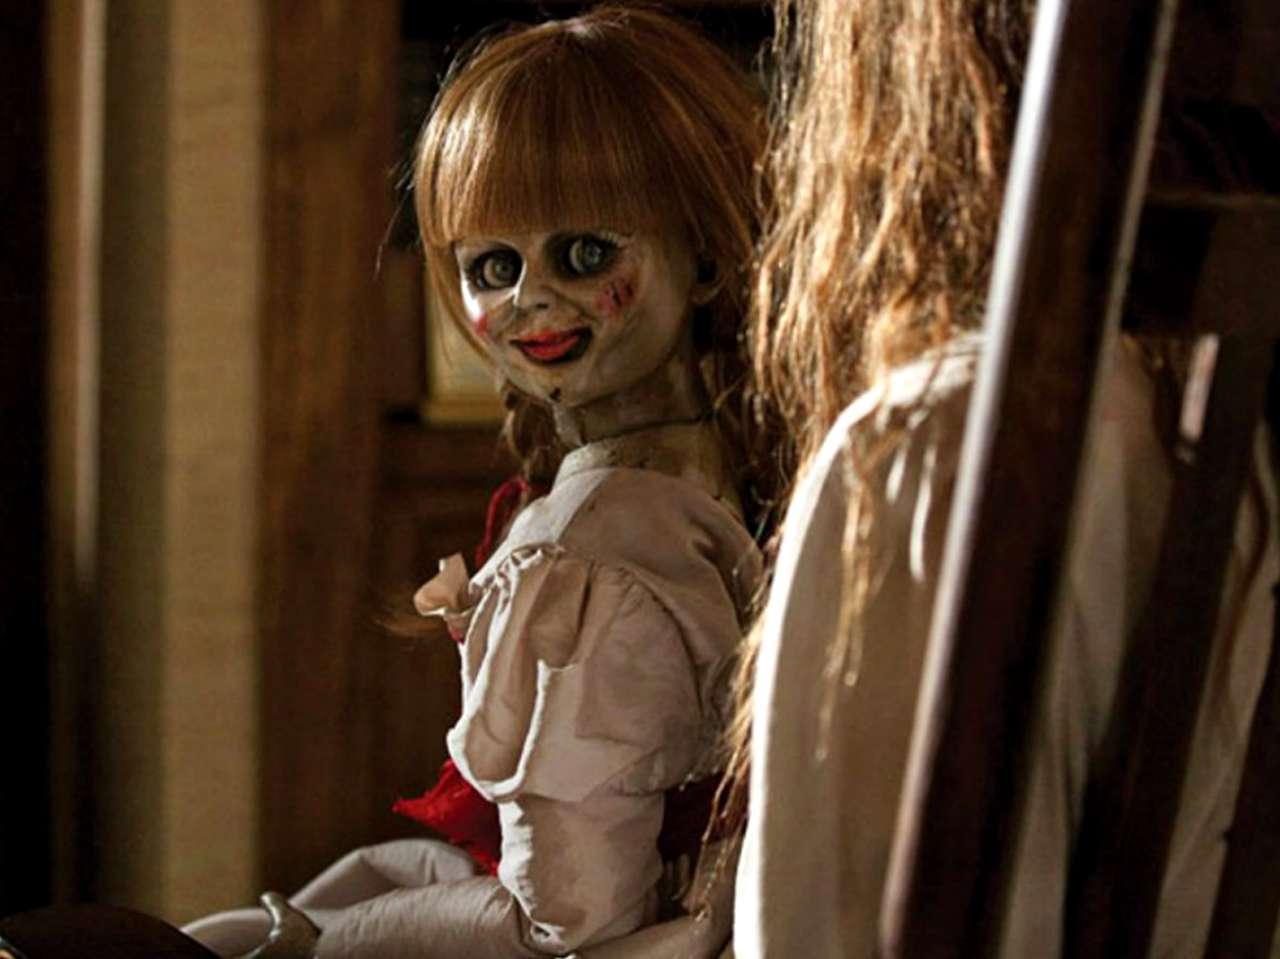 Muñecas diabólicas y juguetes satánicos del cine y la TV - 'Annabelle' ('The Conjuring'). Foto: Warner Bros. Pictures